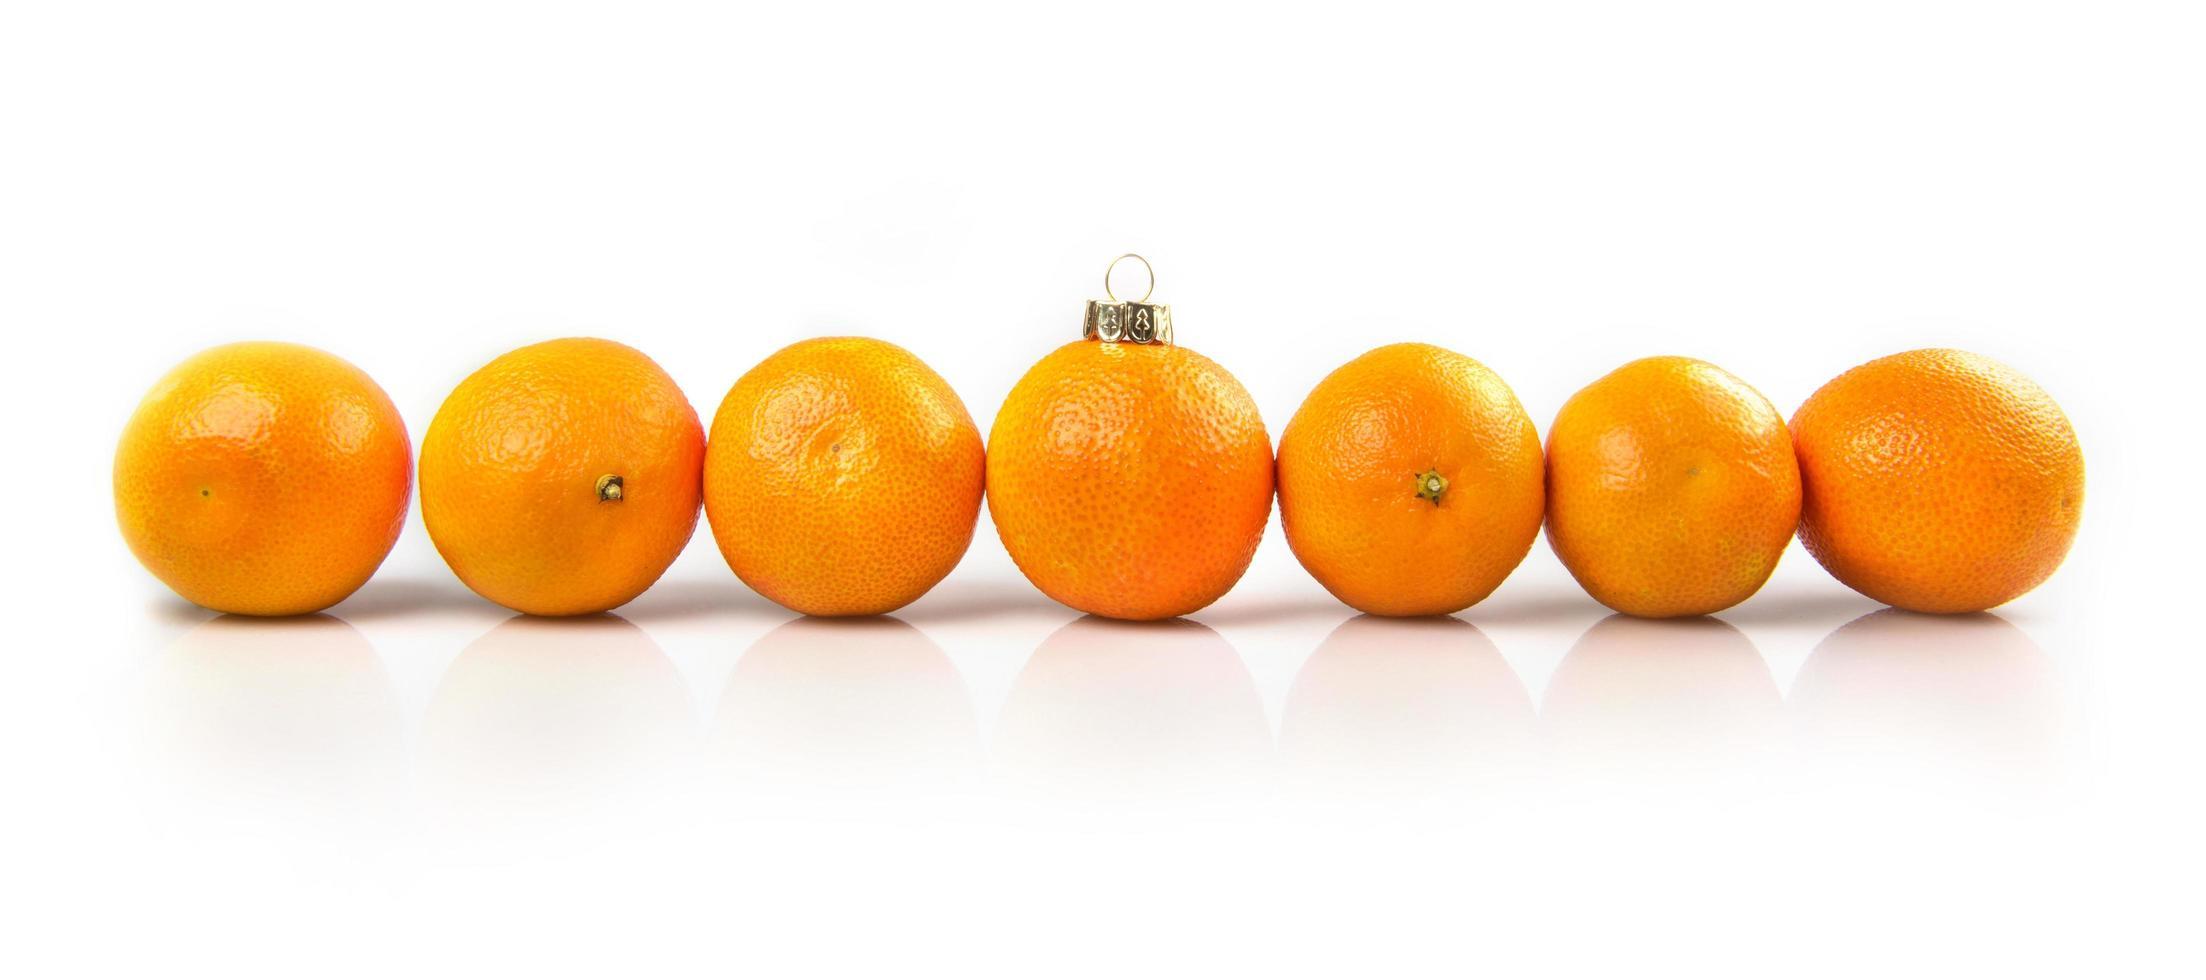 tangerinstruntsaker på en vit bakgrund foto